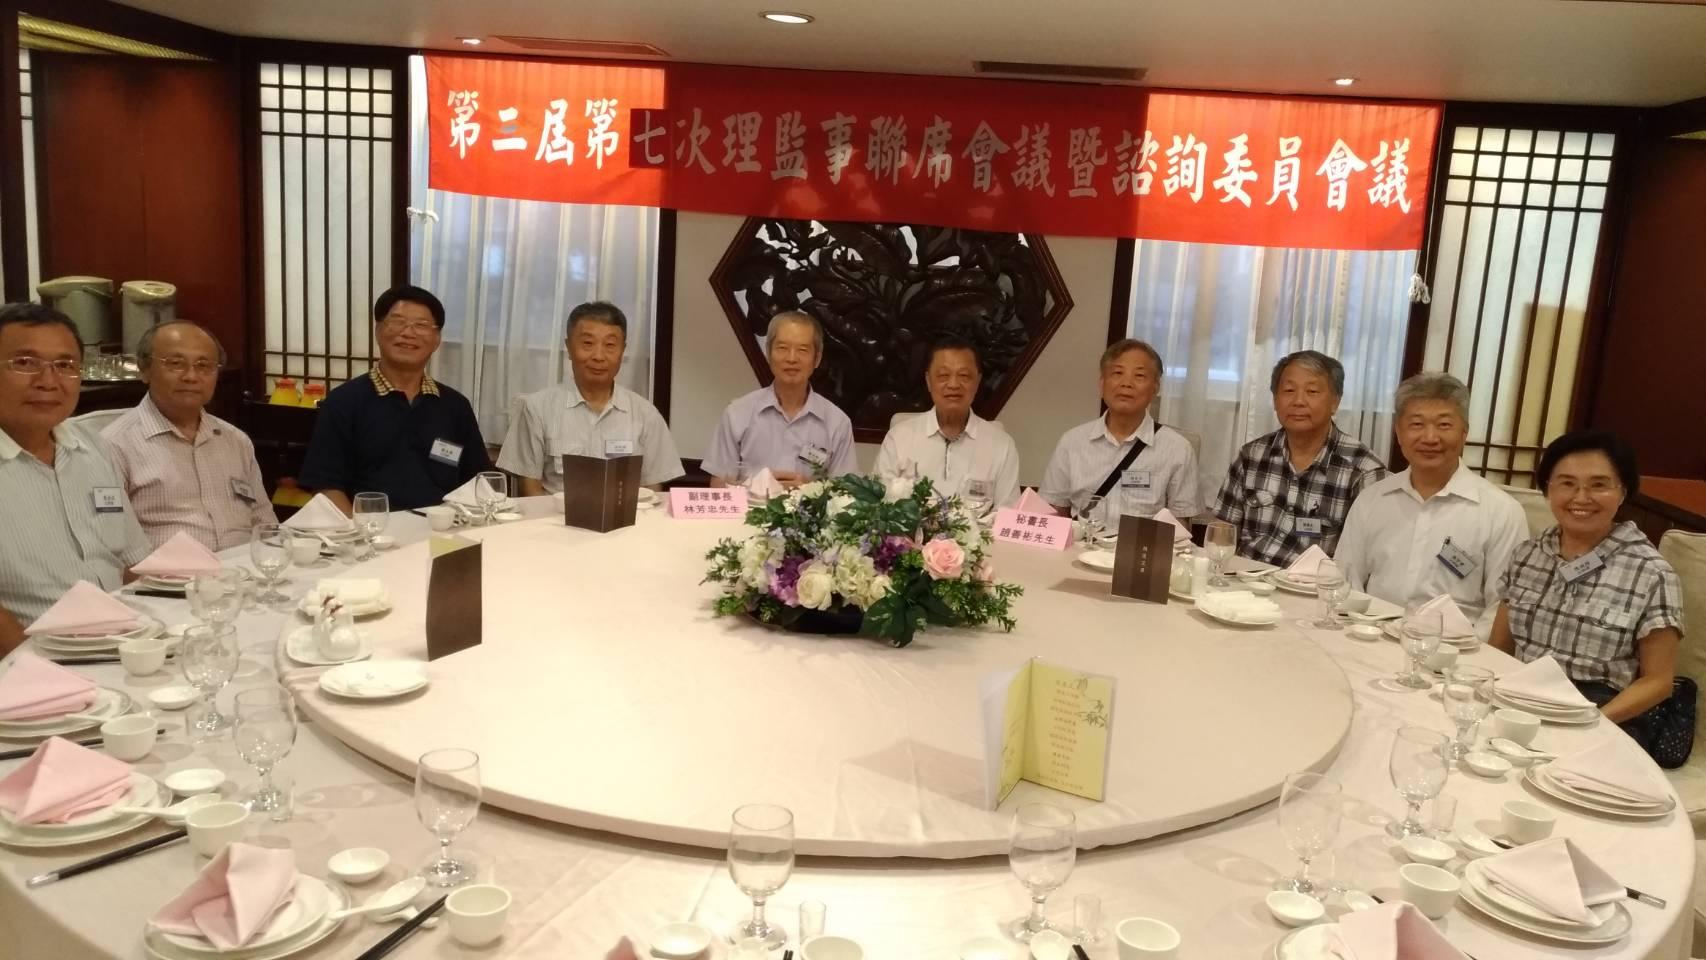 7月26日召開第三屆第七次理監事聯席會議